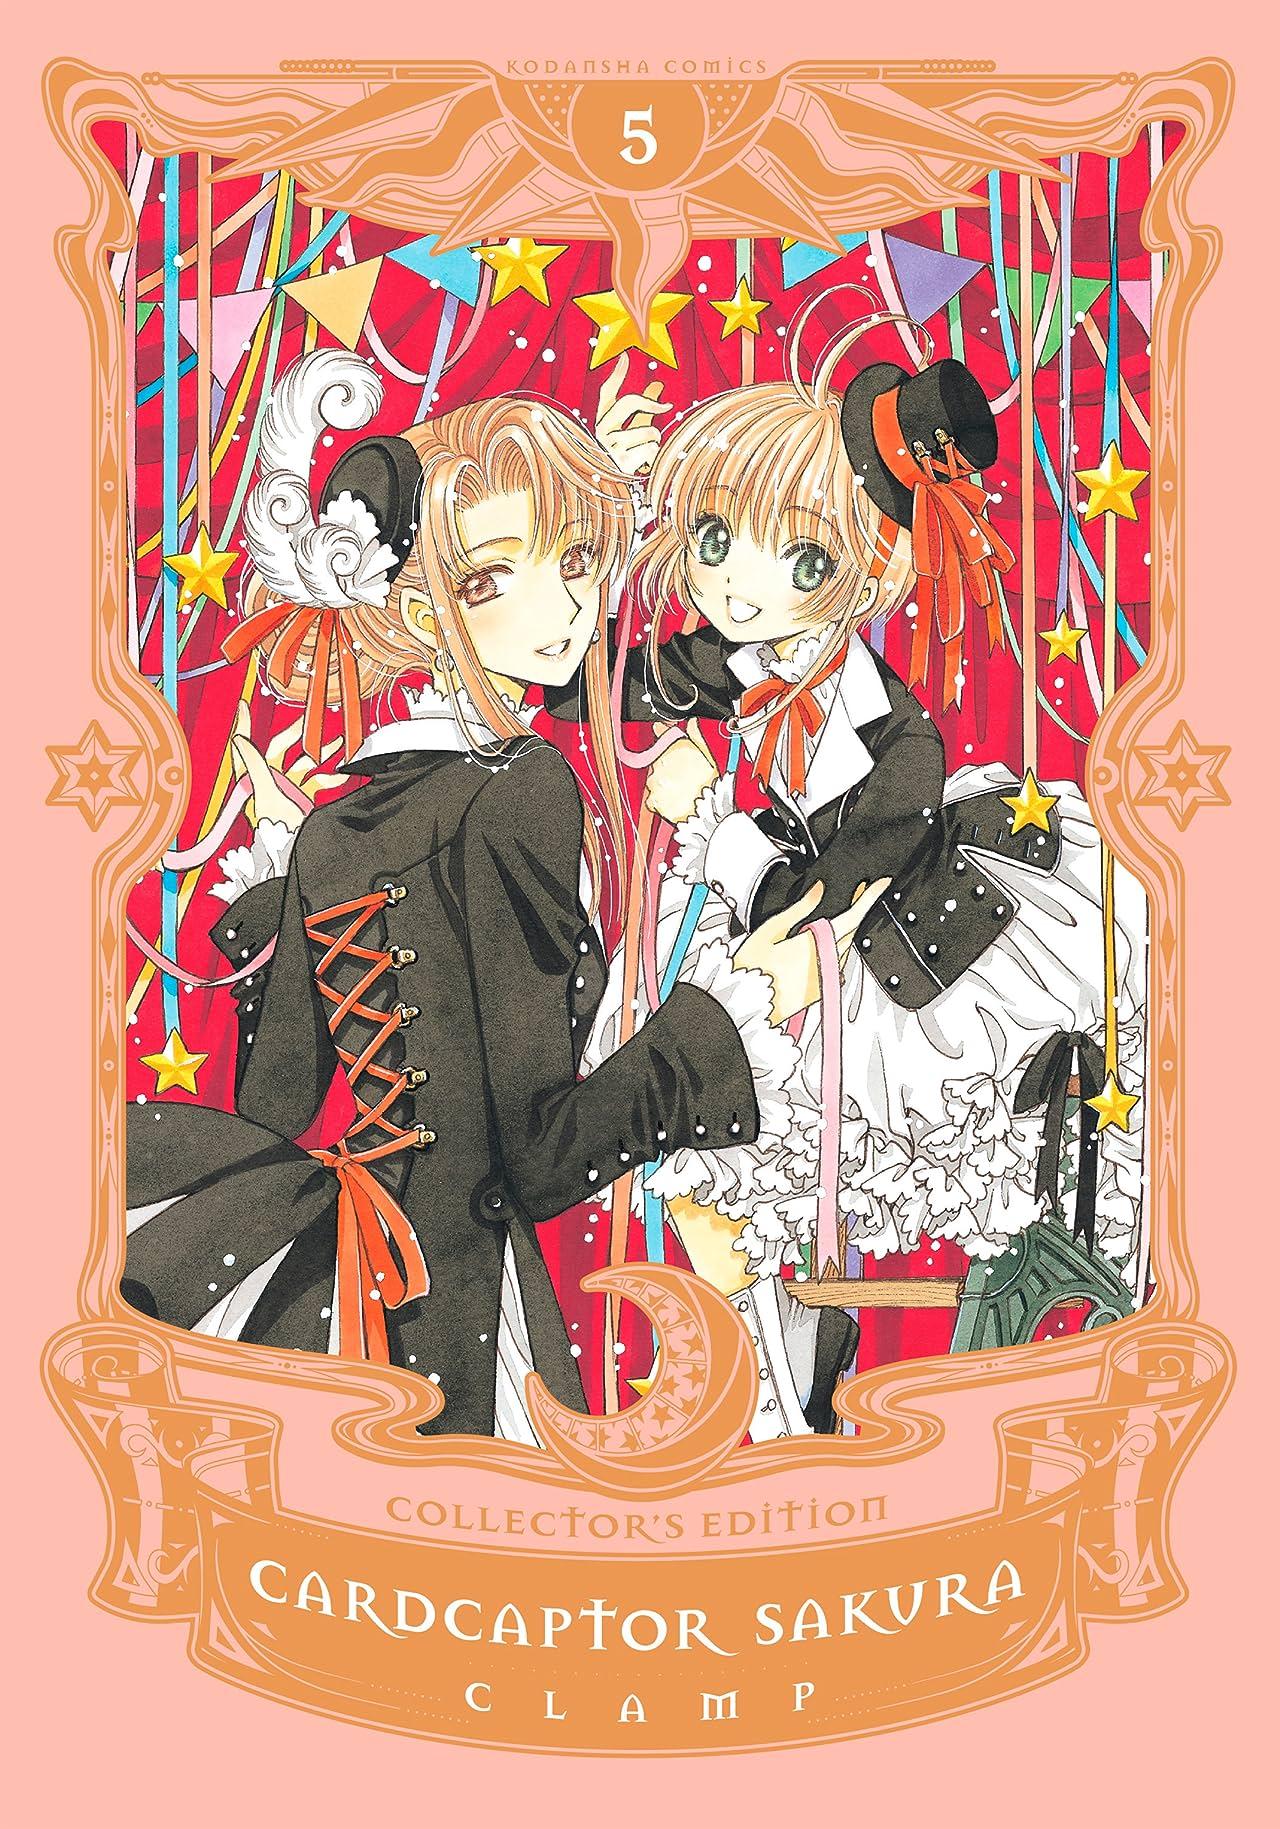 Cardcaptor Sakura Collector's Edition Tome 5